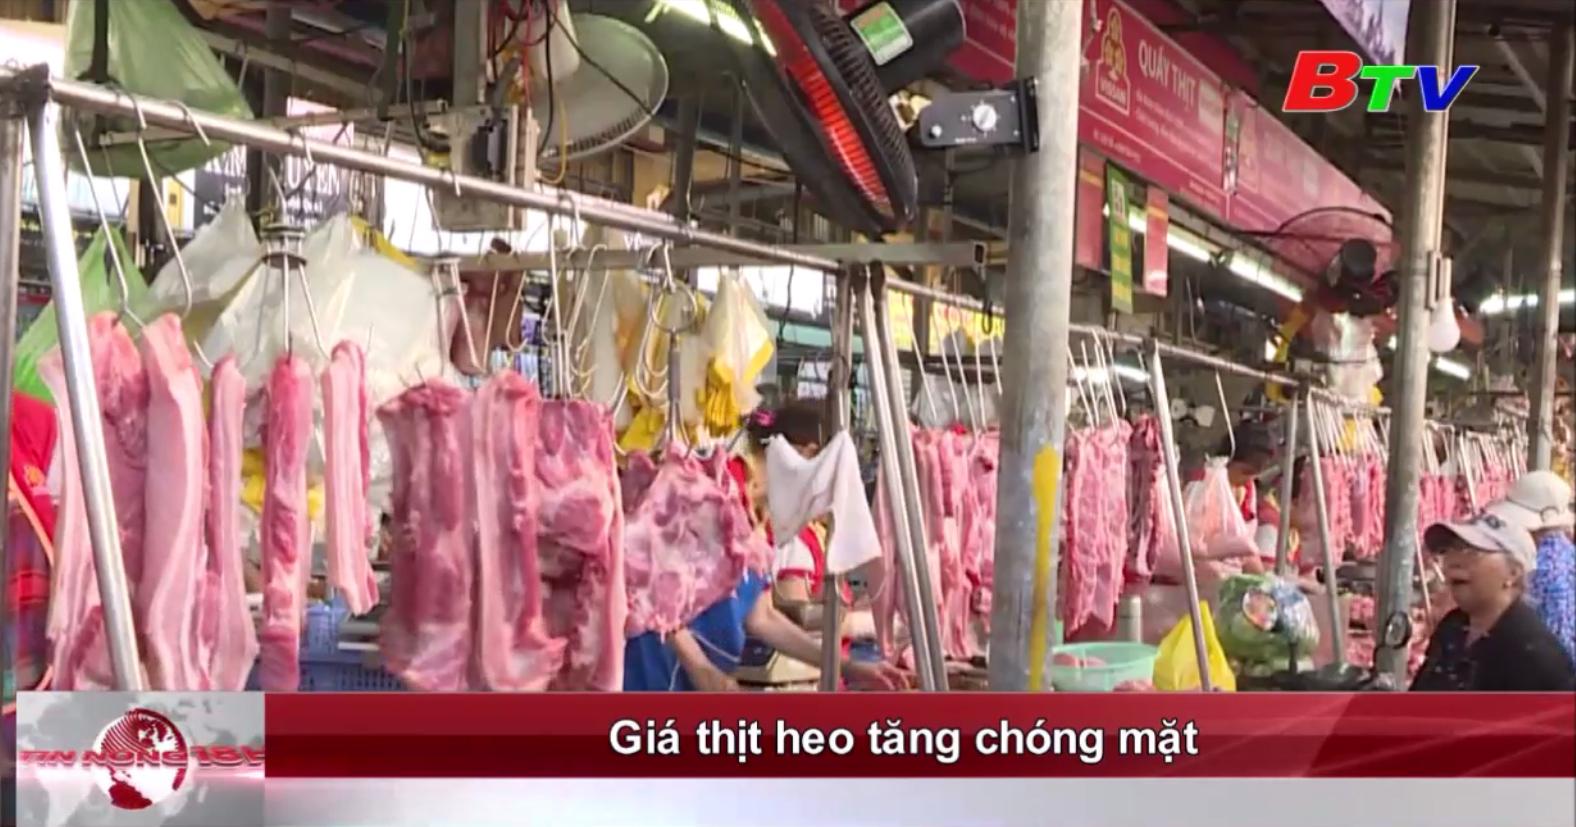 Giá thịt heo tăng chóng mặt